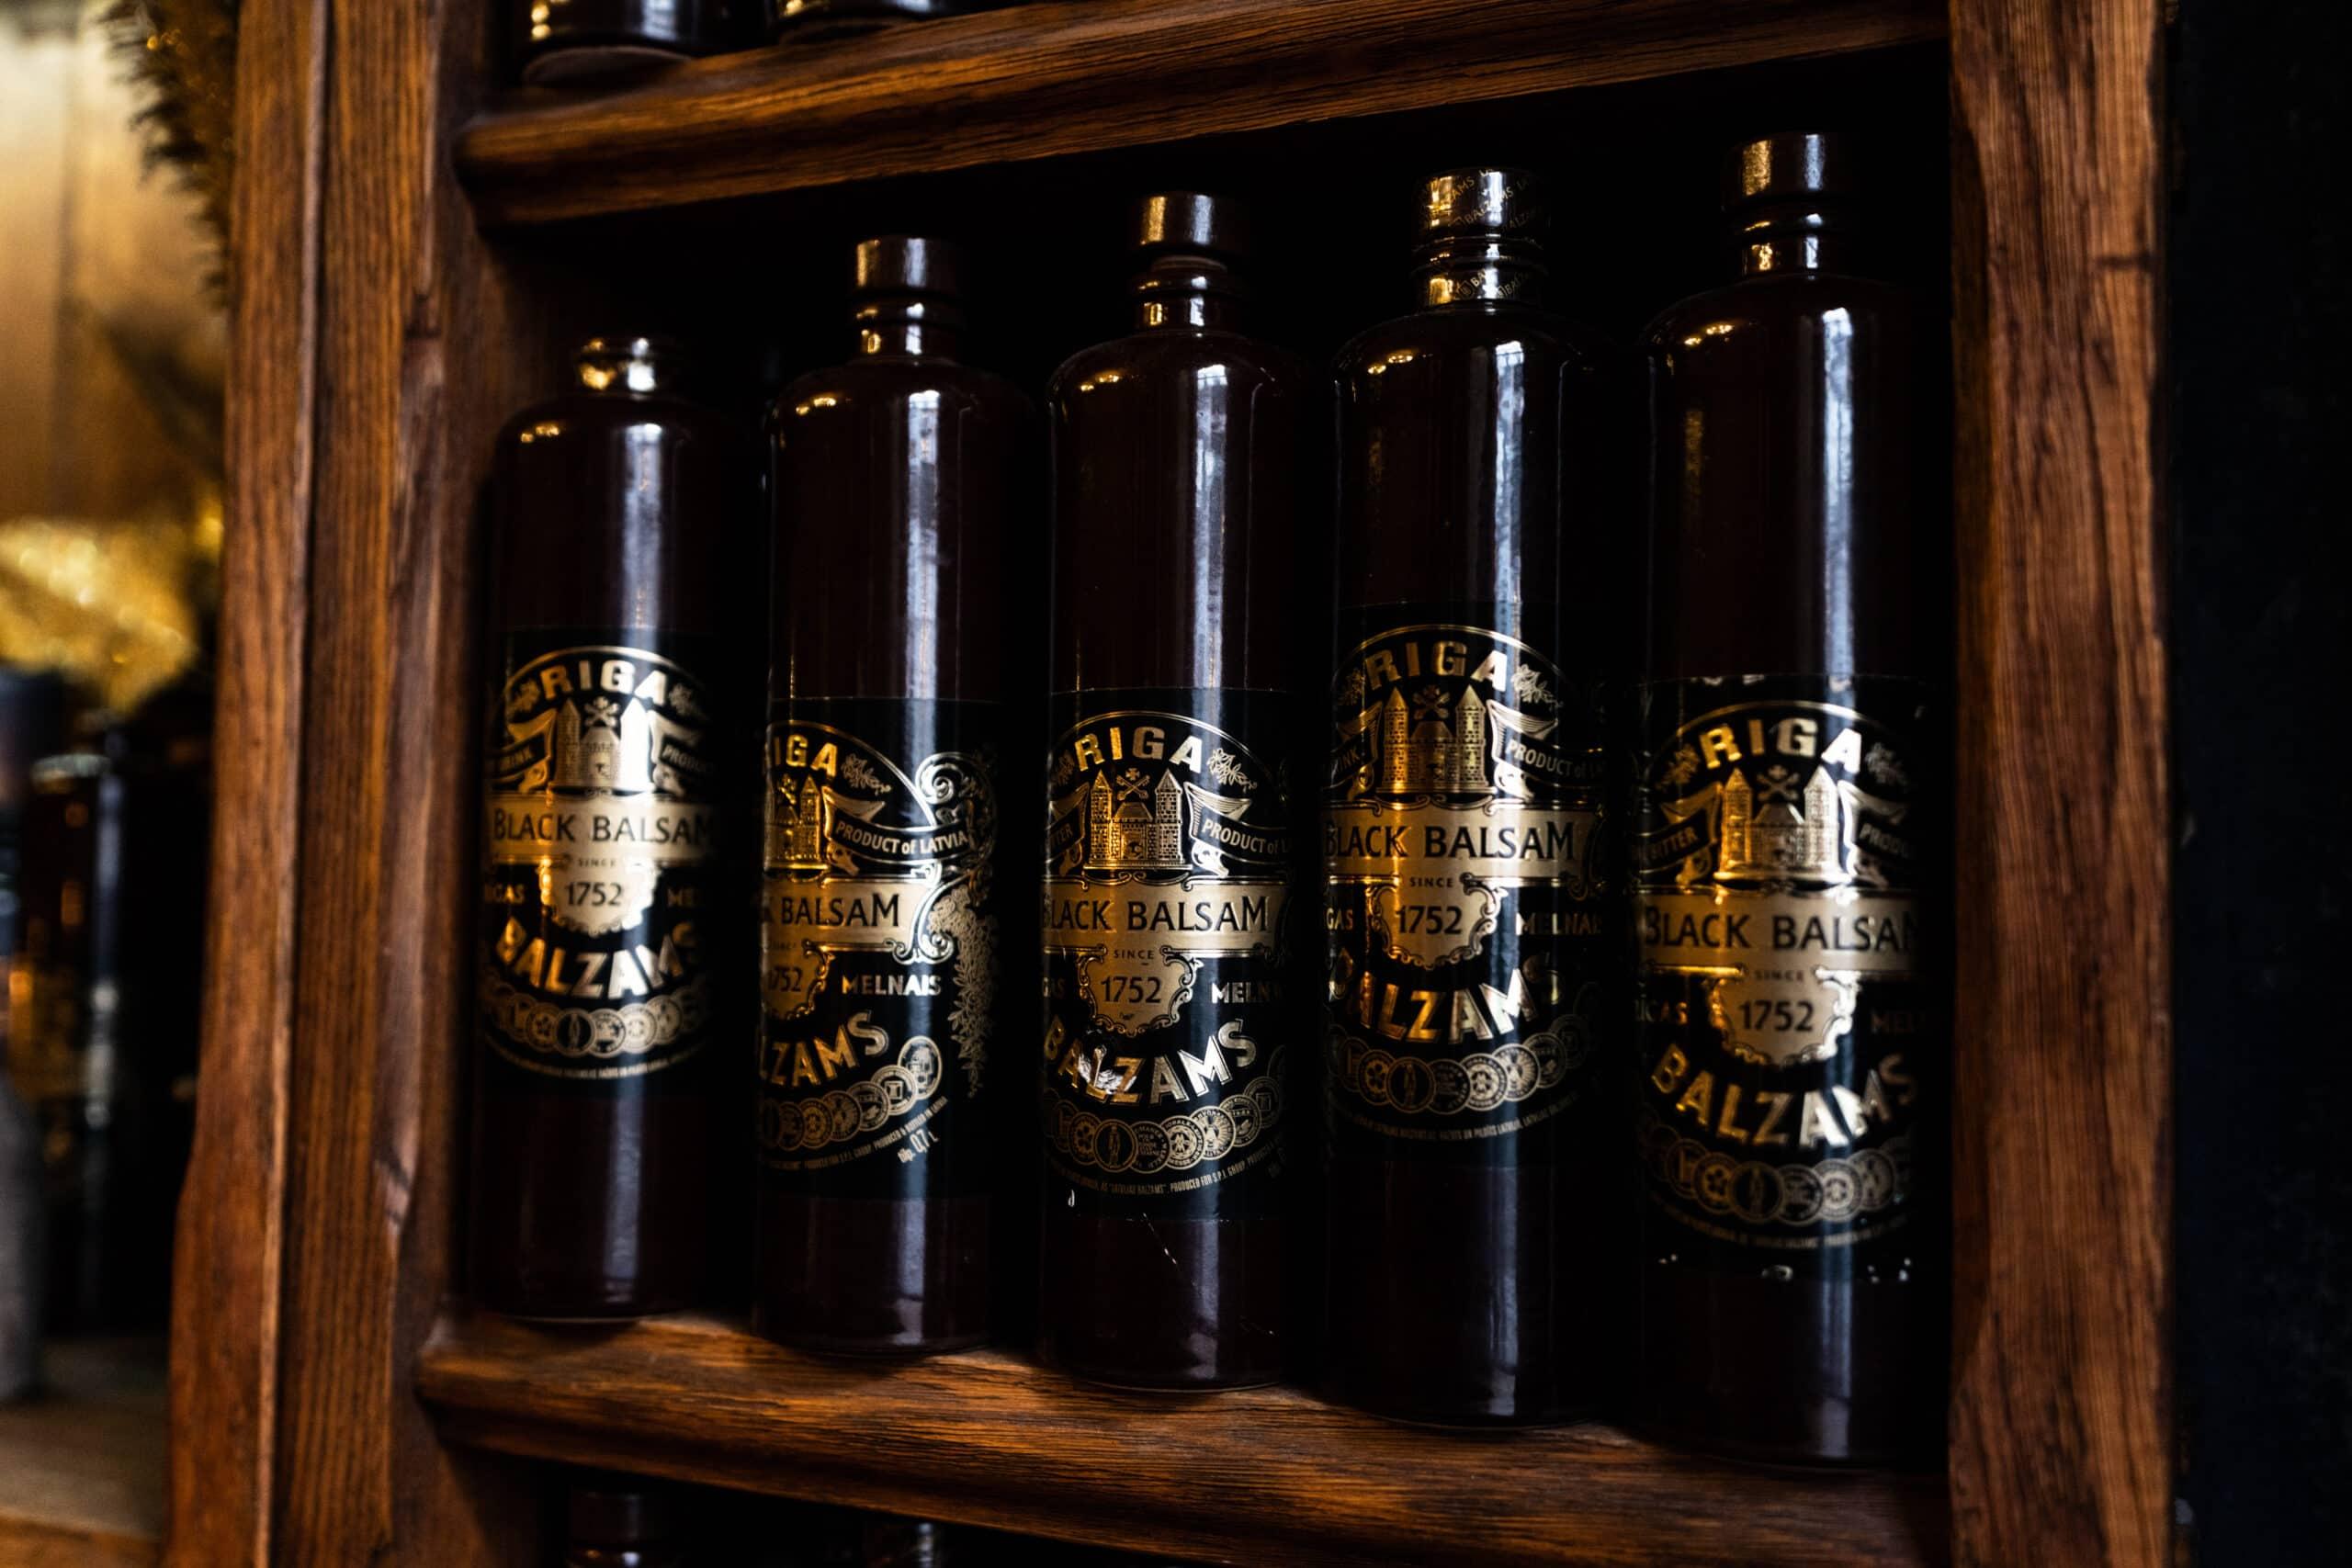 butelki Riga Black Balsam na półce